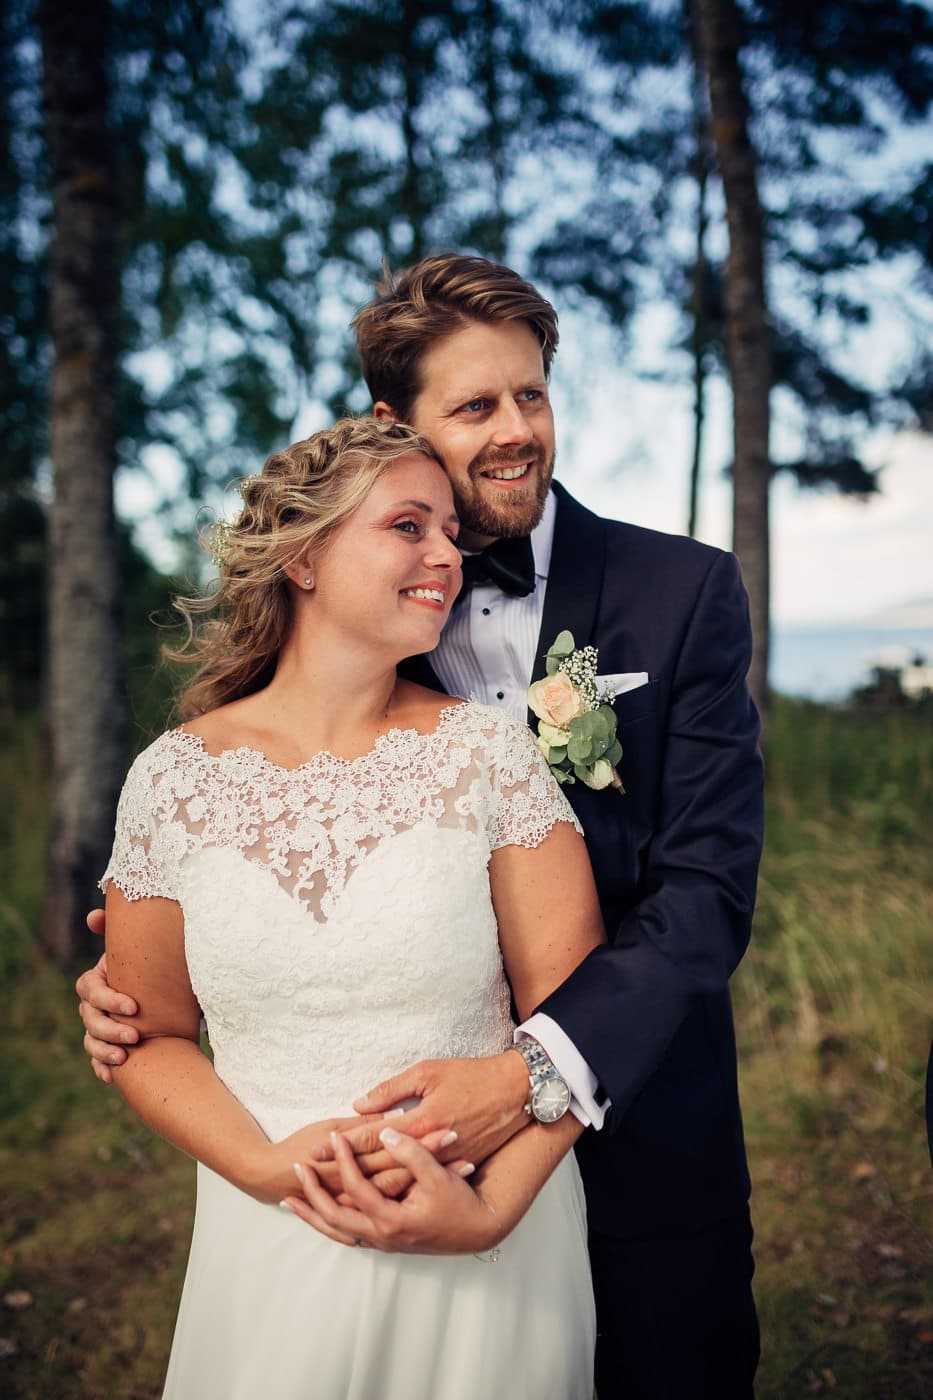 Linn & Frank - rørende og vakkert låvebryllup i Minnesund Bryllupsbilder Minnesund Eidsvoll 52 Brudepar